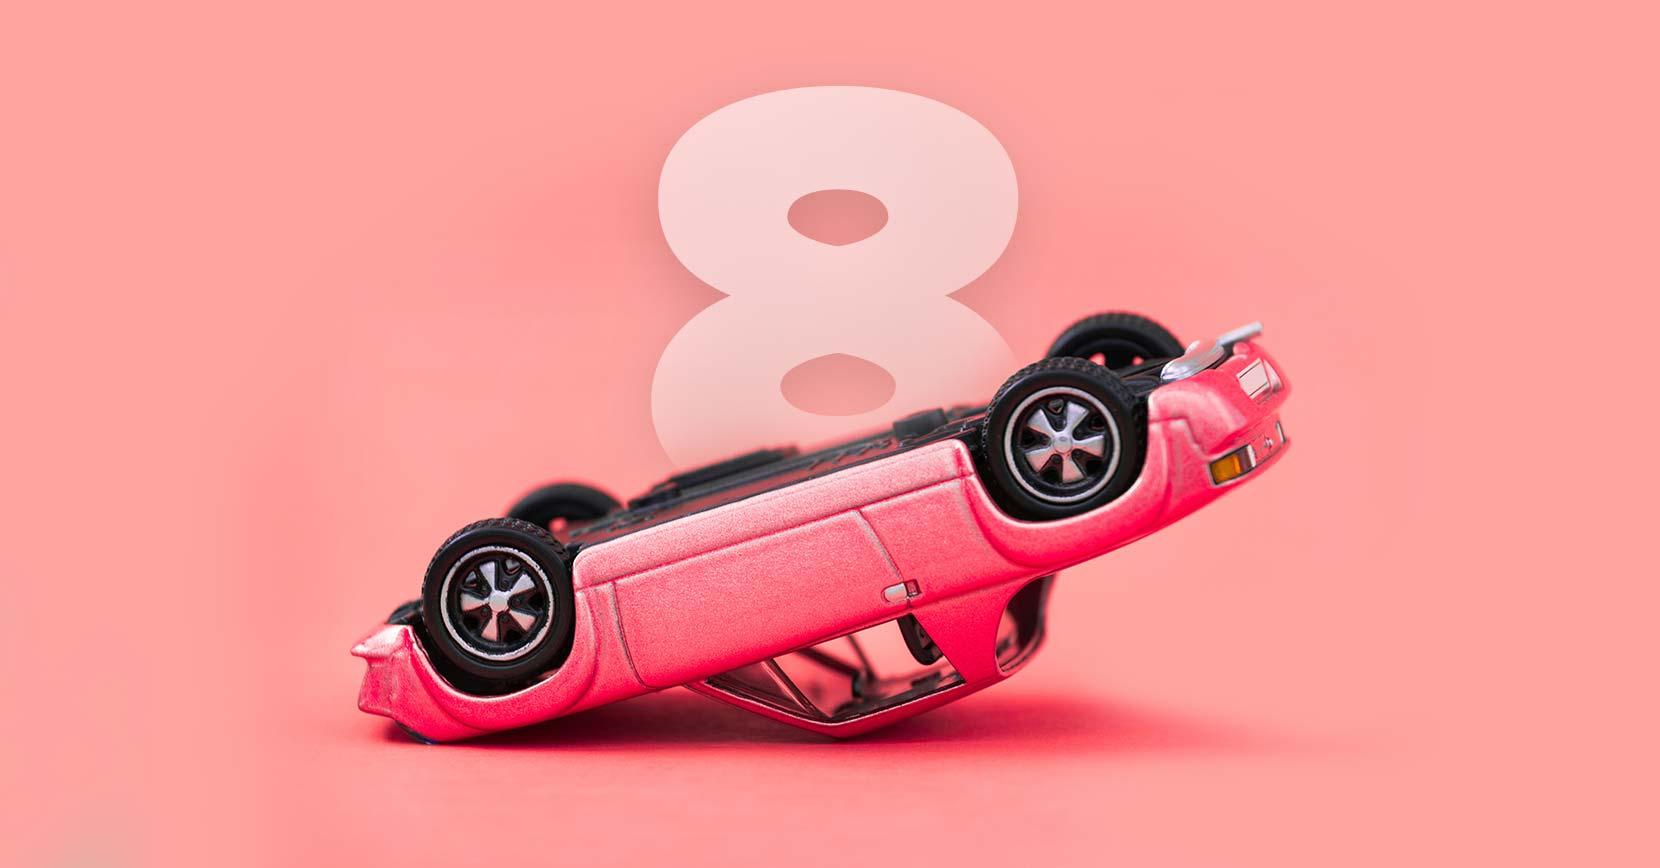 8 ting din bilforsikring ikke dækker